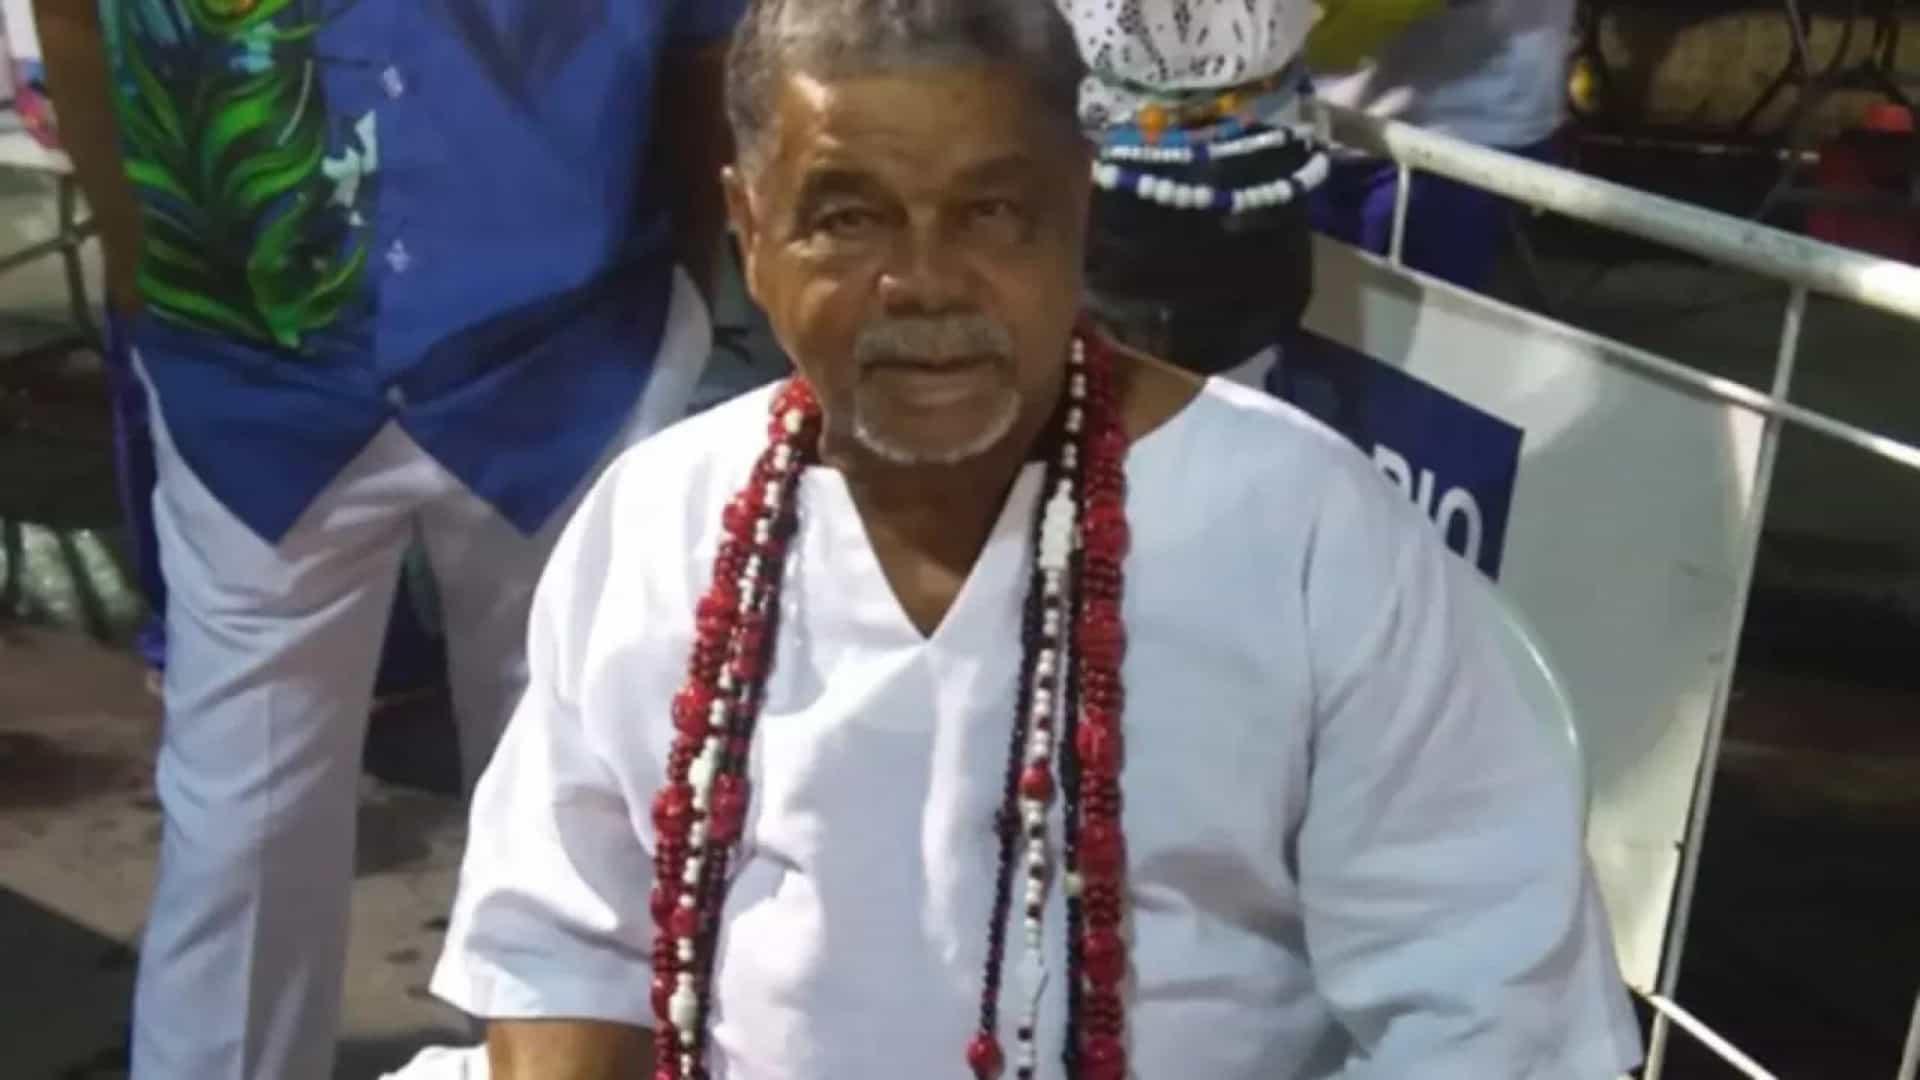 naom 60ccde1368b97 - Morre o diretor de Carnaval Laíla, Luiz Fernando, aos 78 anos, de Covid-19